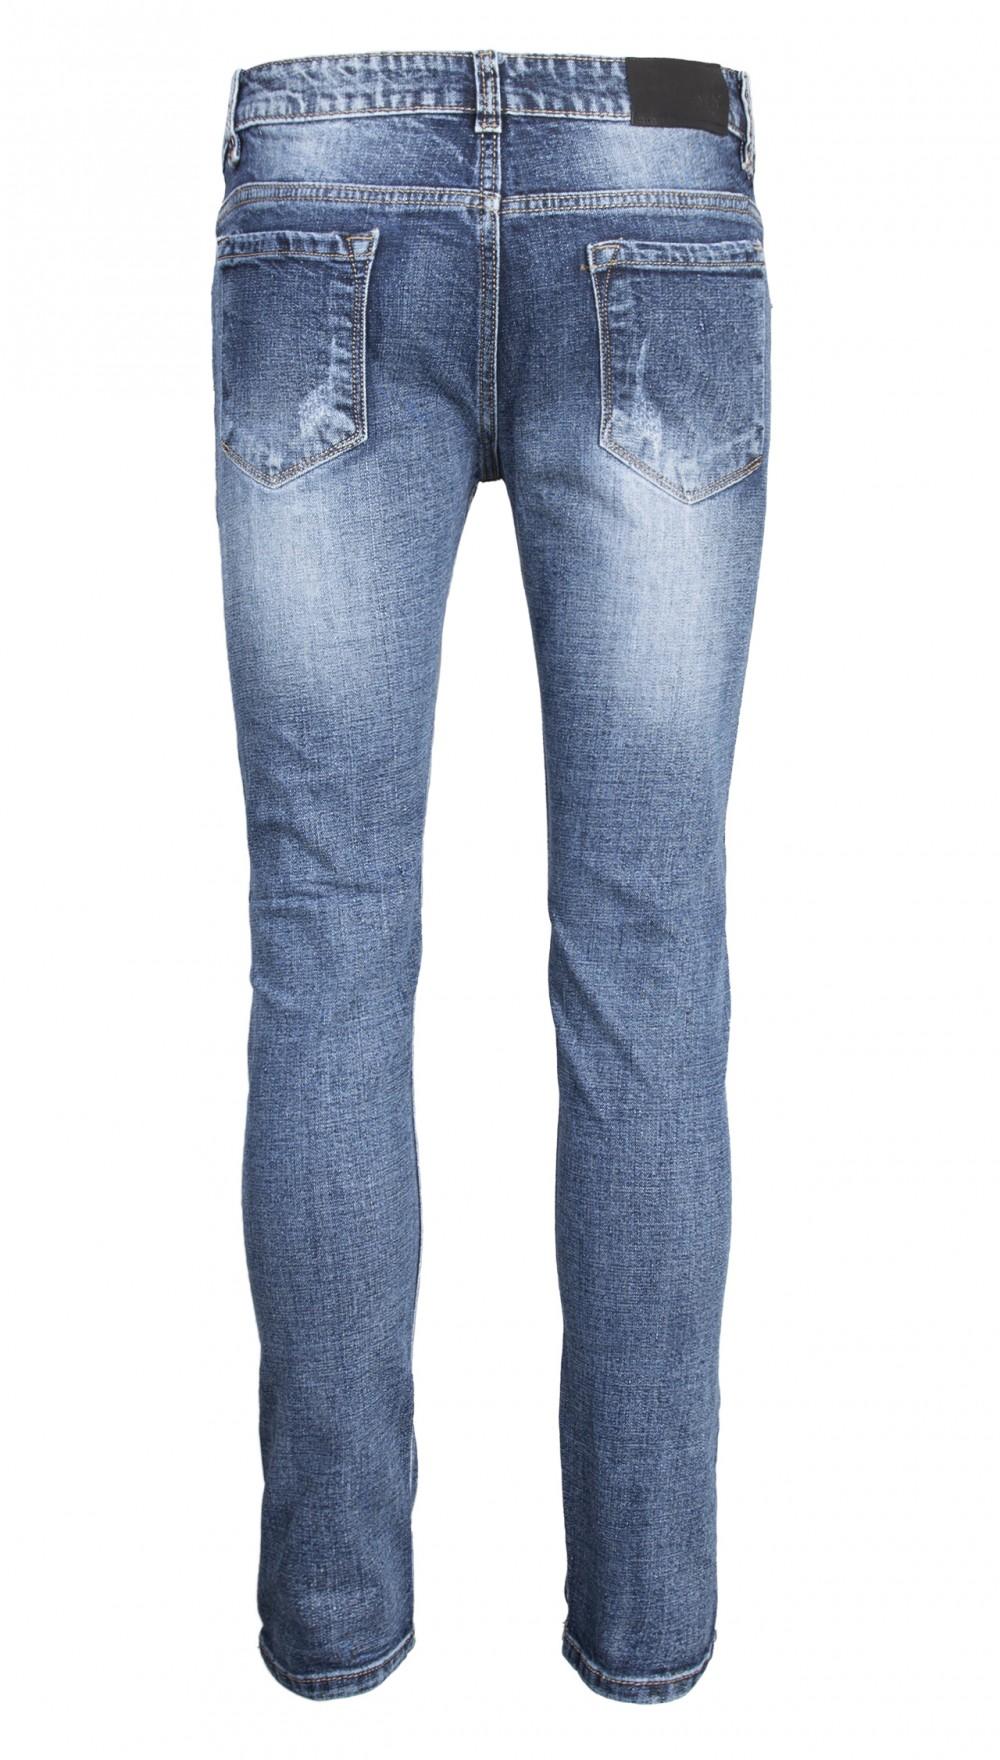 Quần jeans rách xanh đen qj1564 - 2